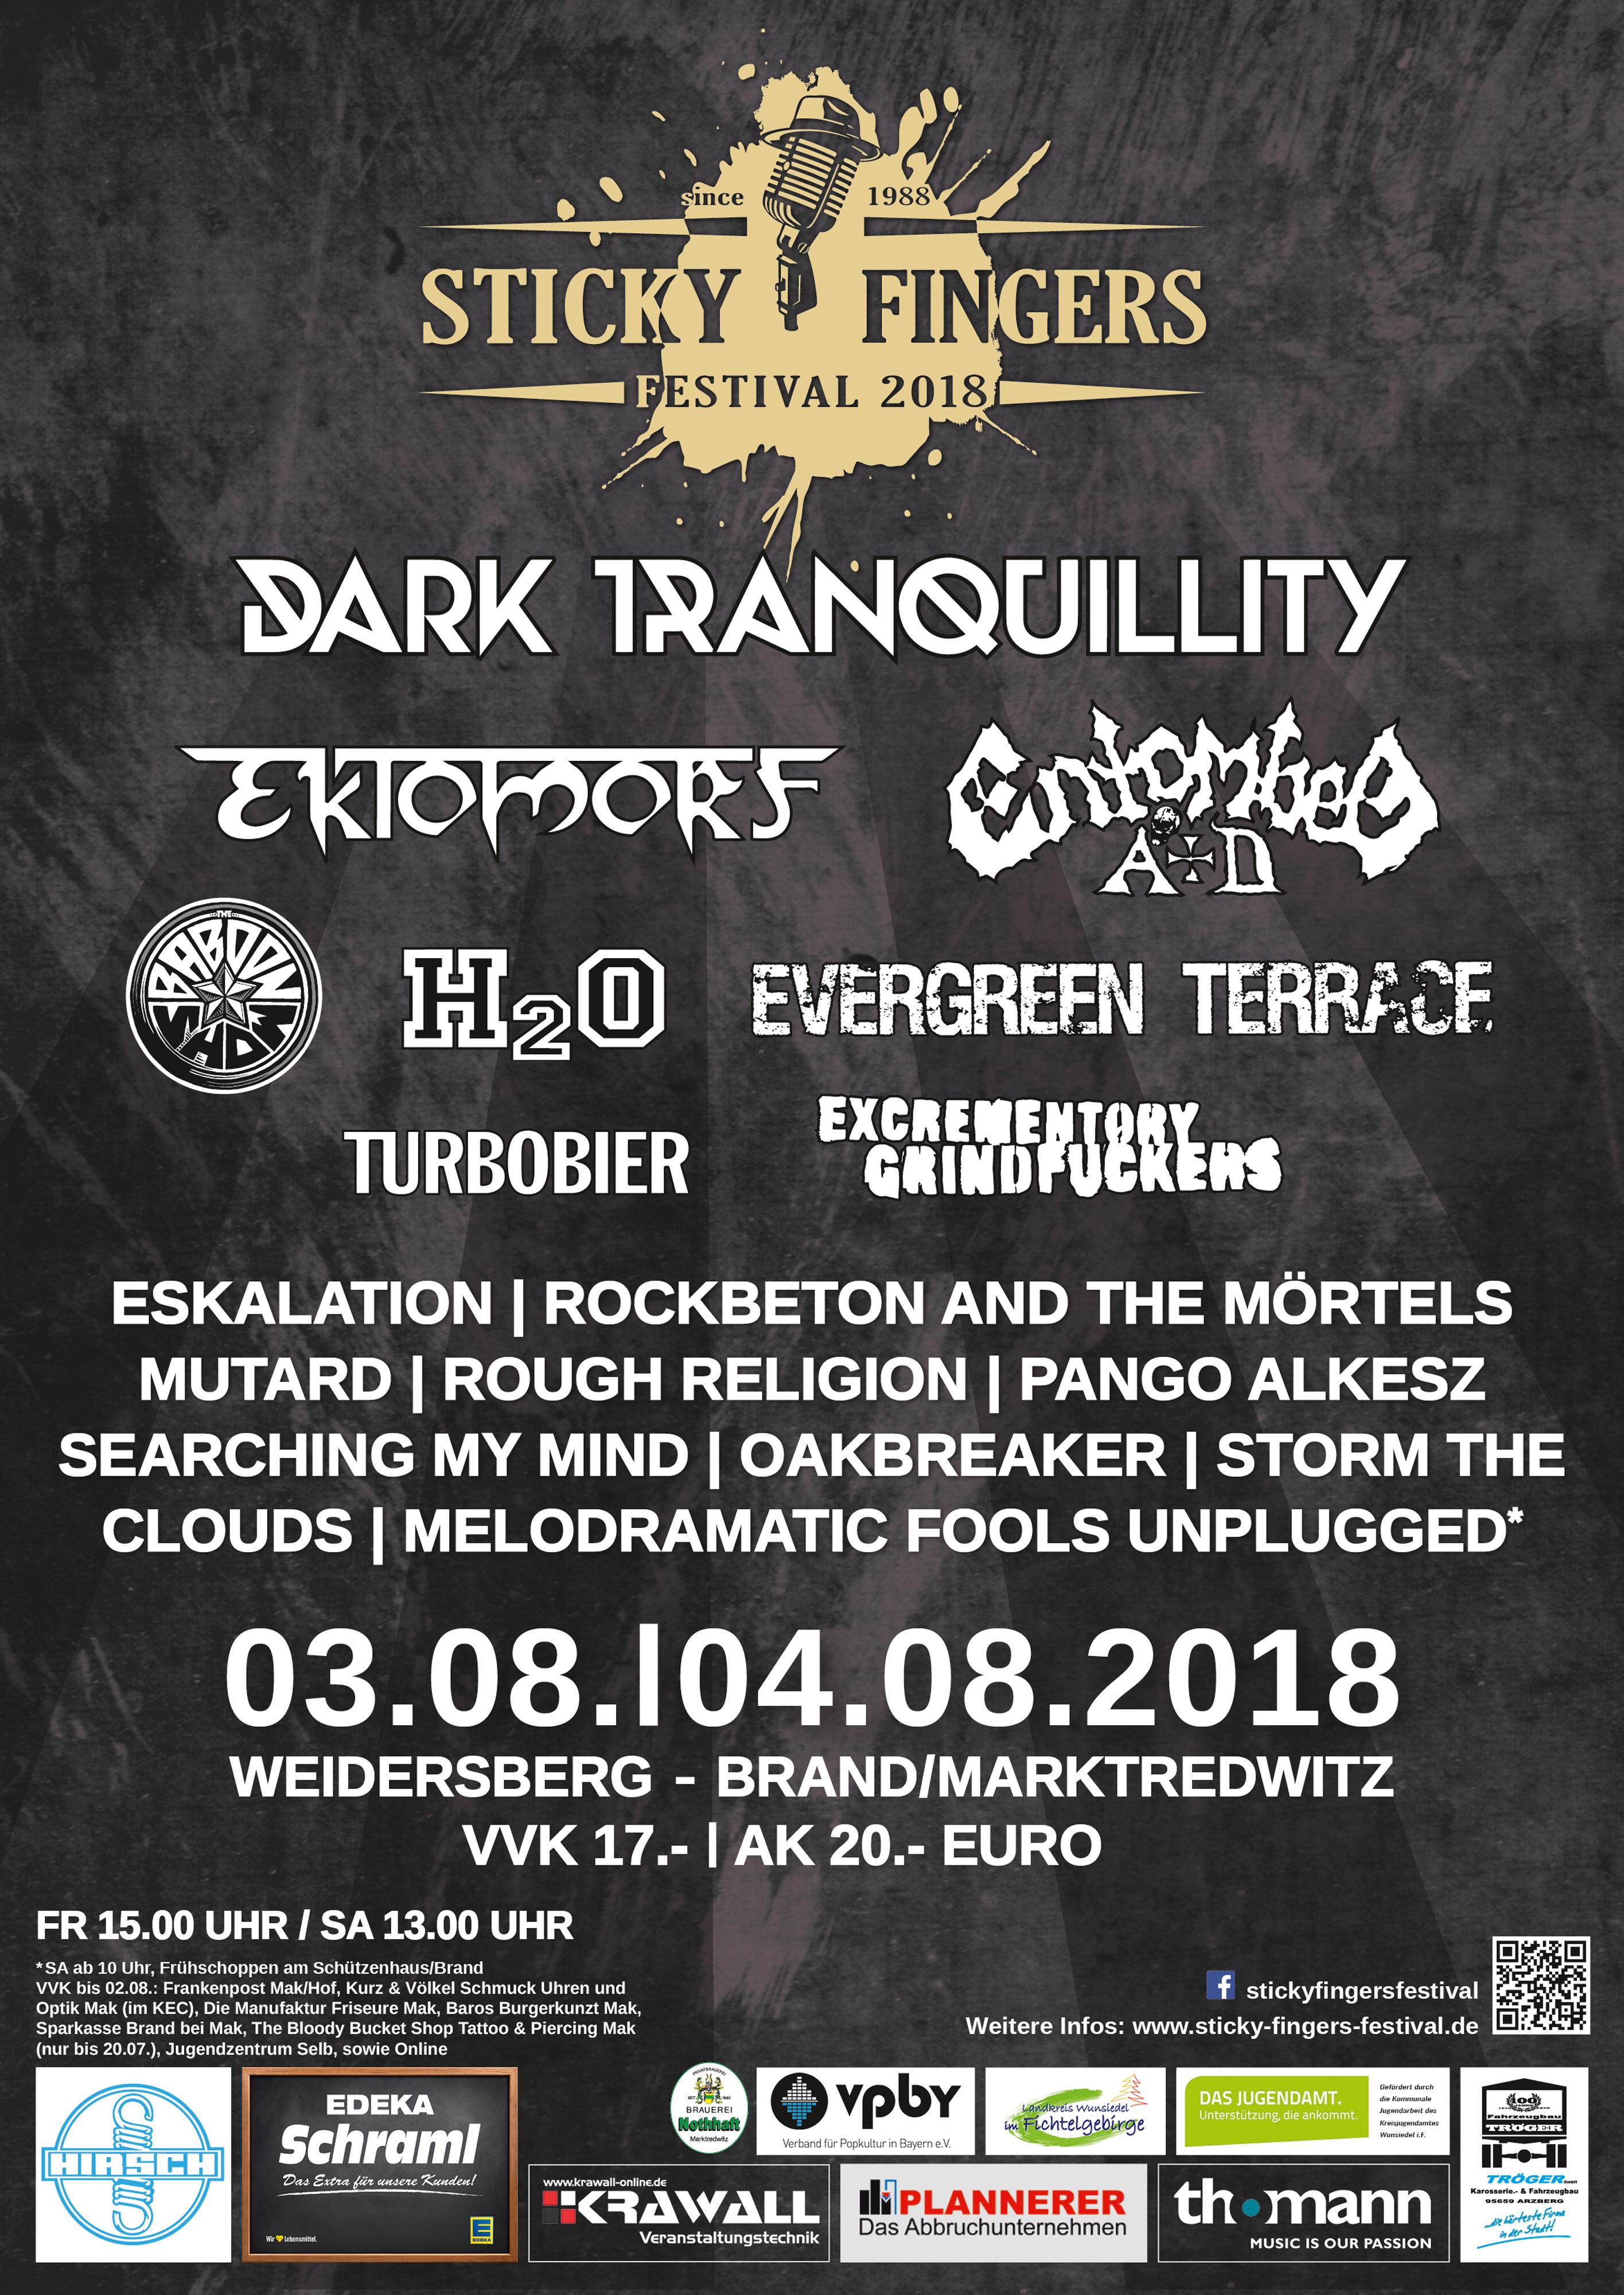 Plakat Sticky Fingers Festival 2018